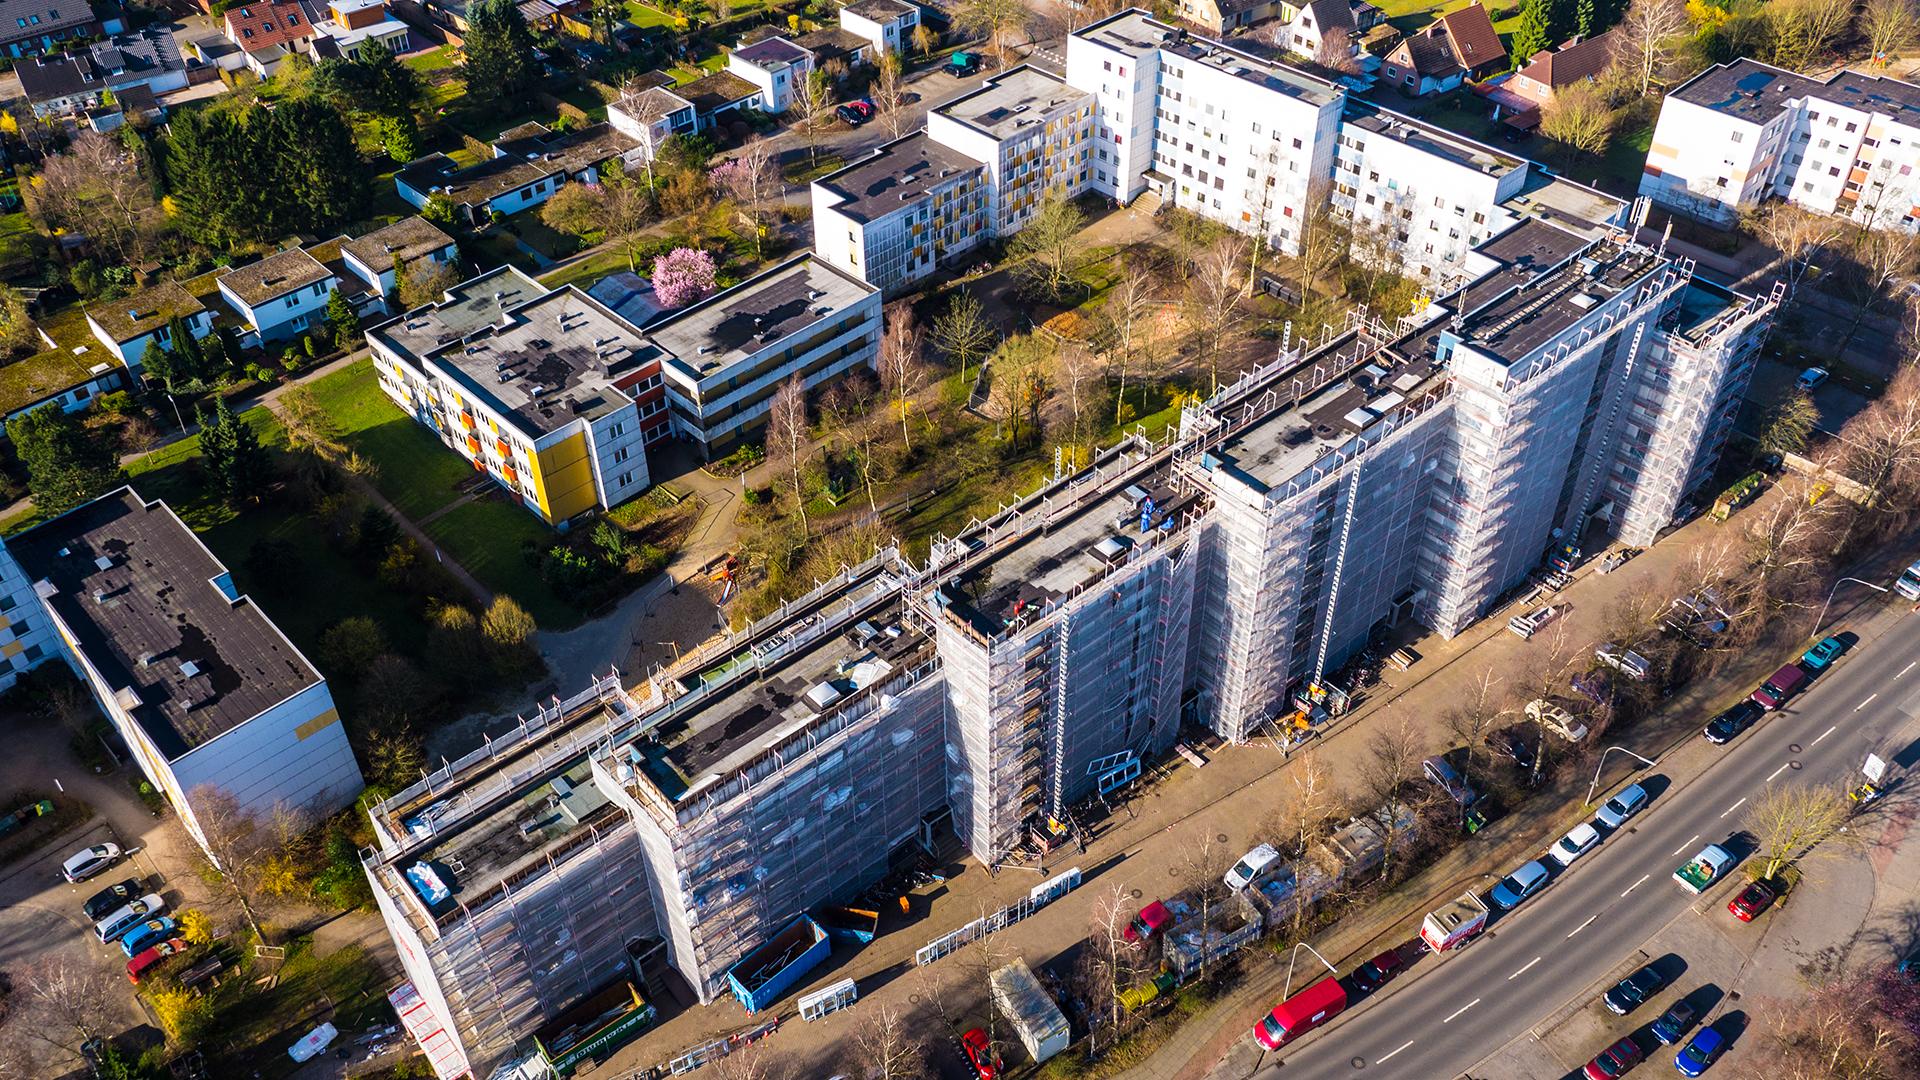 Bauarbeiten an einer Wohnanlage in Norderstedt